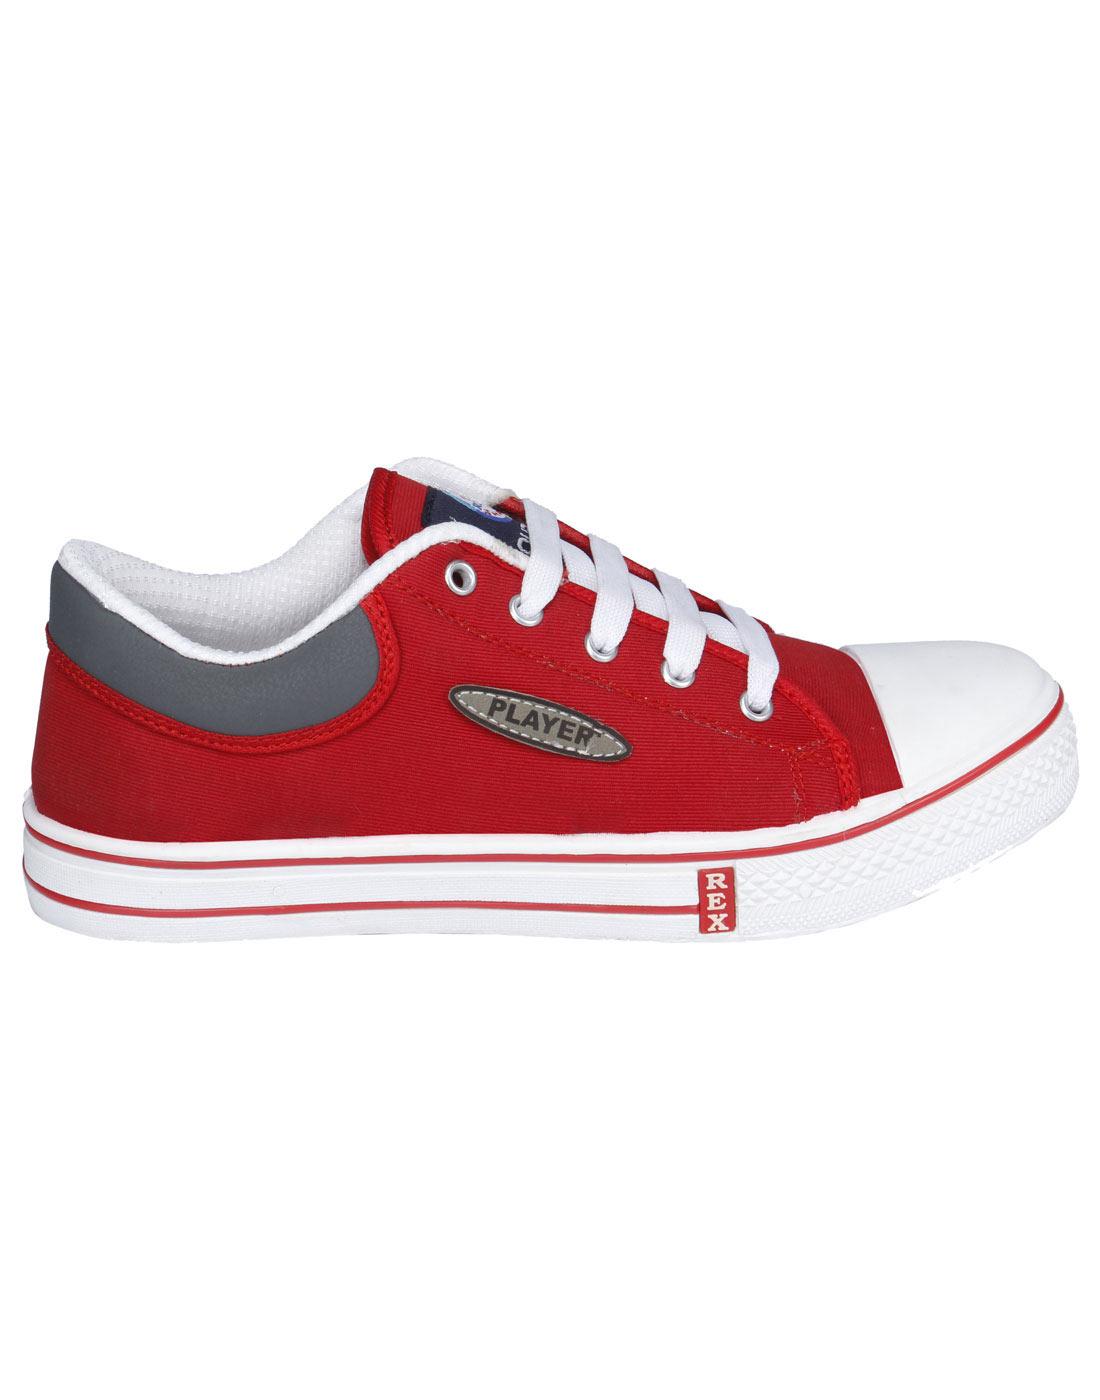 Rex Shoes New Delhi Delhi